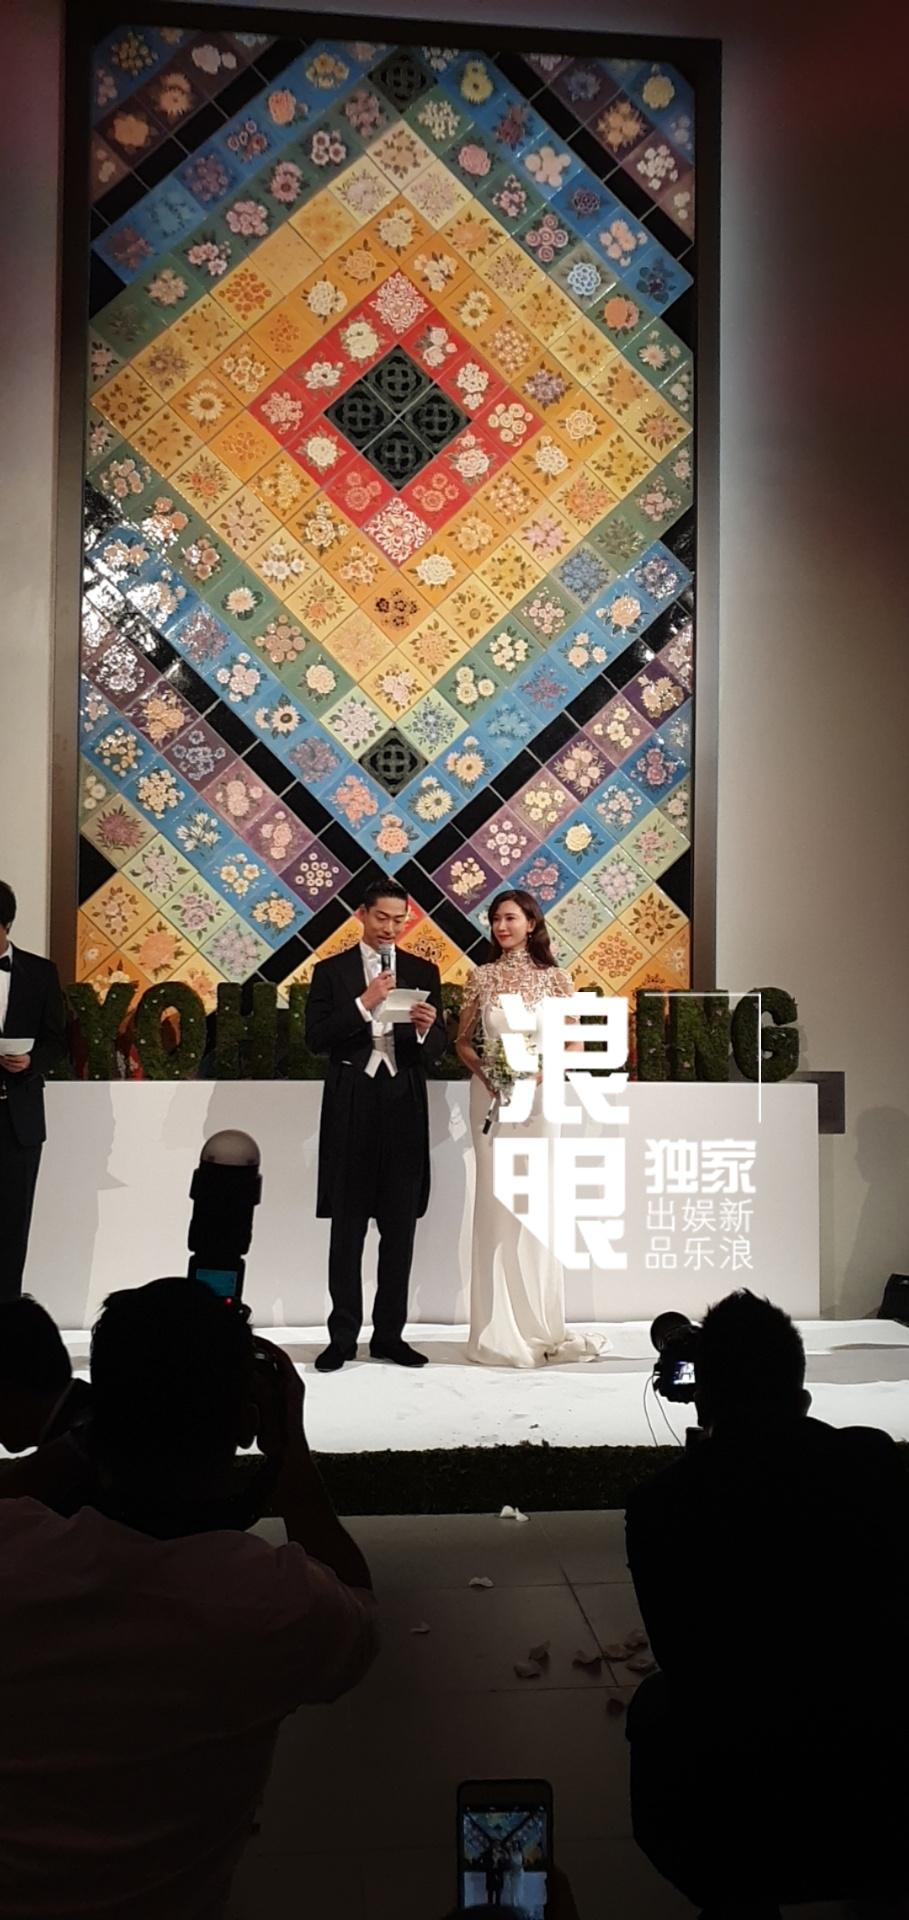 组图:张歆艺袁弘夫妇为林志玲婚宴致辞 木村拓哉录视频祝福新人